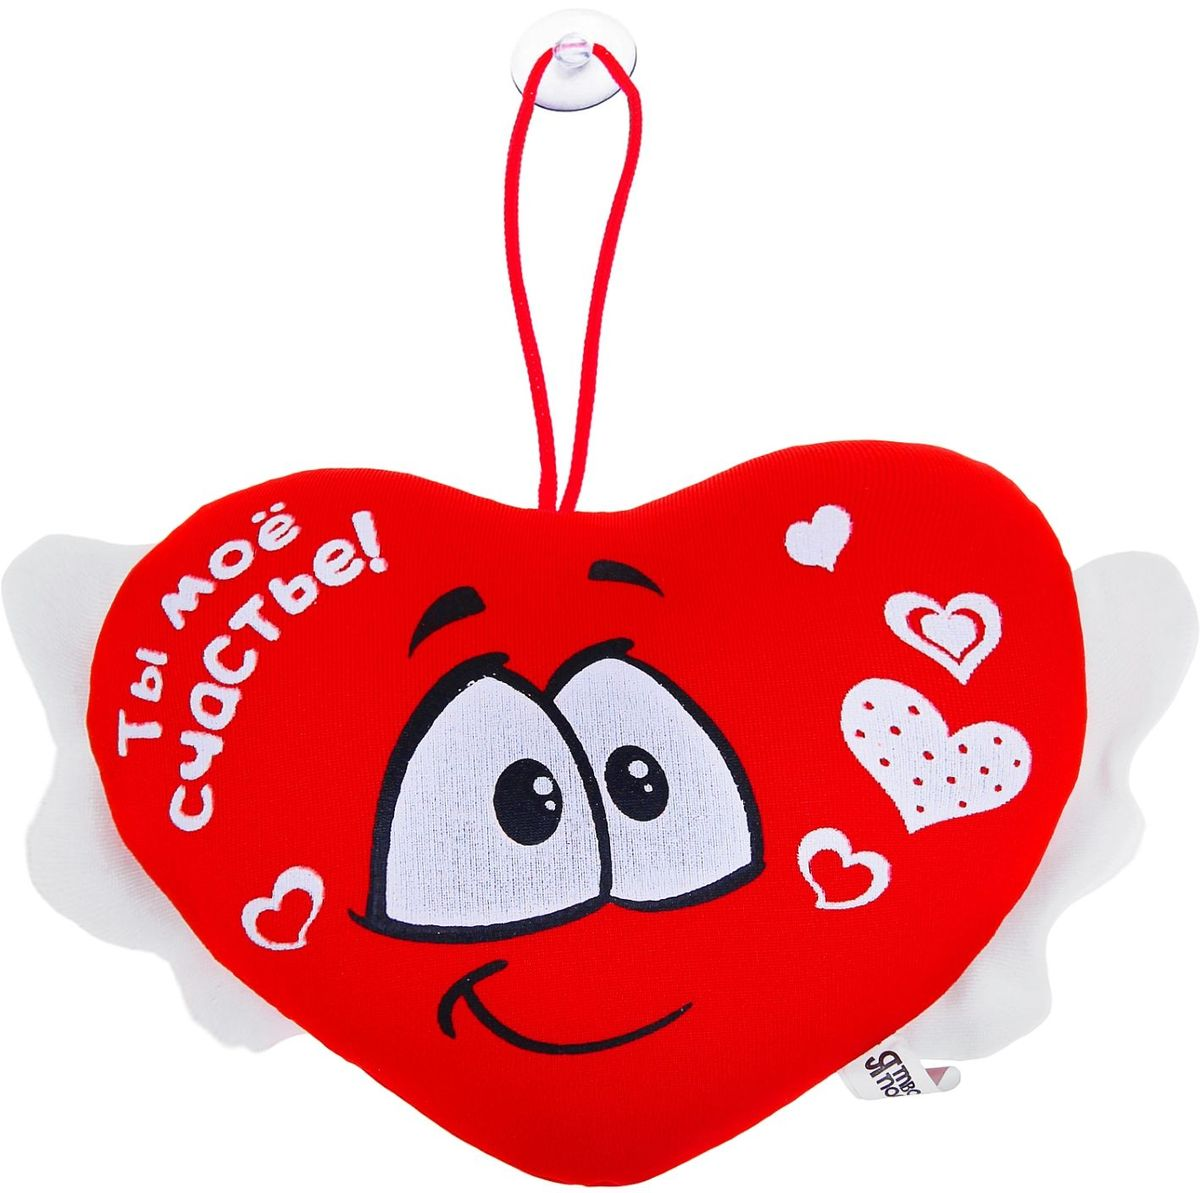 Sima-land Мягкая игрушка-антистресс Сердечко с крыльями Ты мое счастье 864927 sima land мягкая игрушка антистресс сердечко скажи мне да 330862